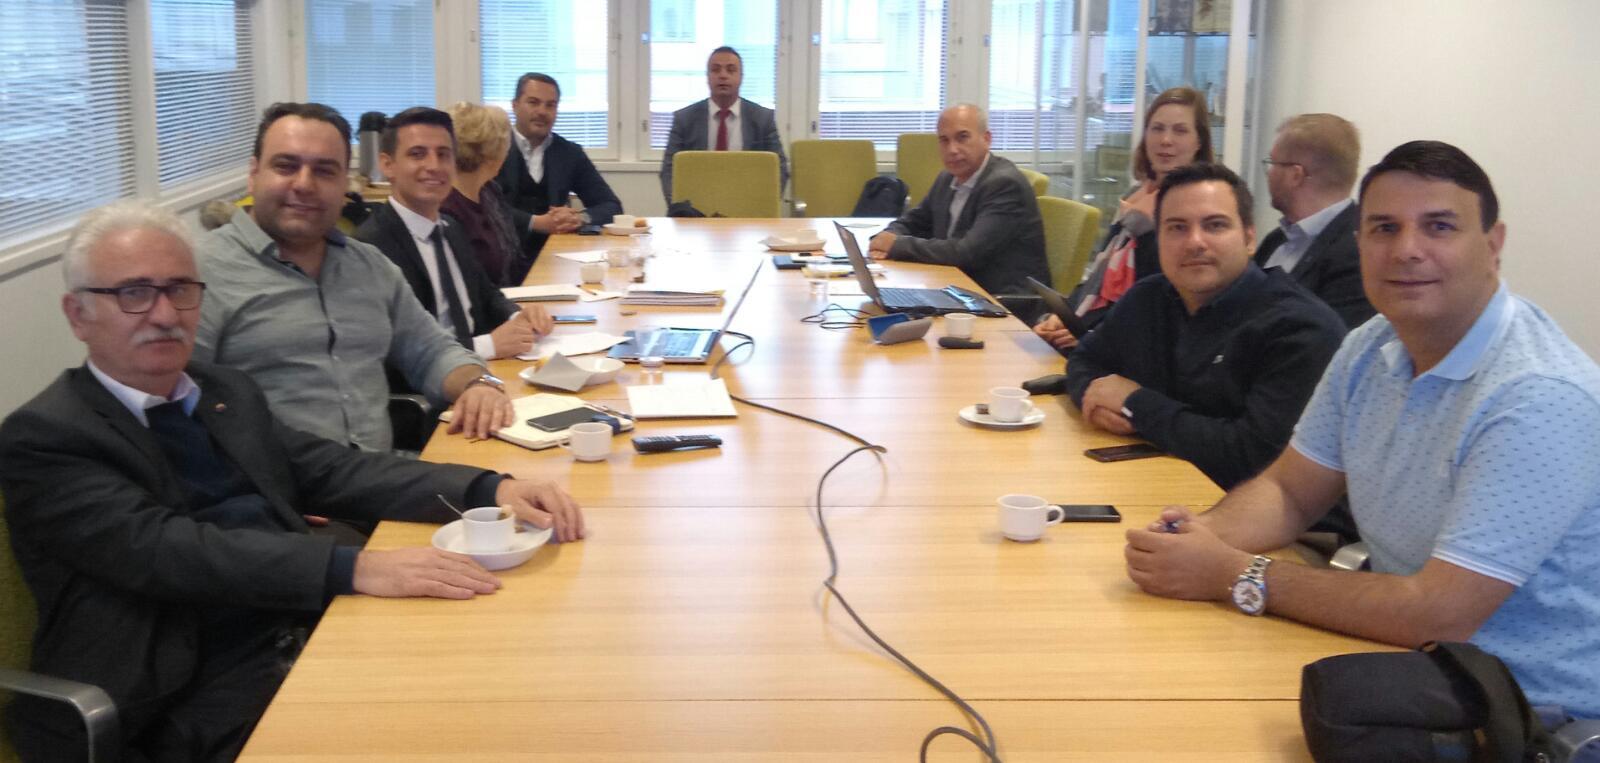 MEUS viaja a Turku, Finlandia, en el marco del proyecto Europeo SME ACADEMY